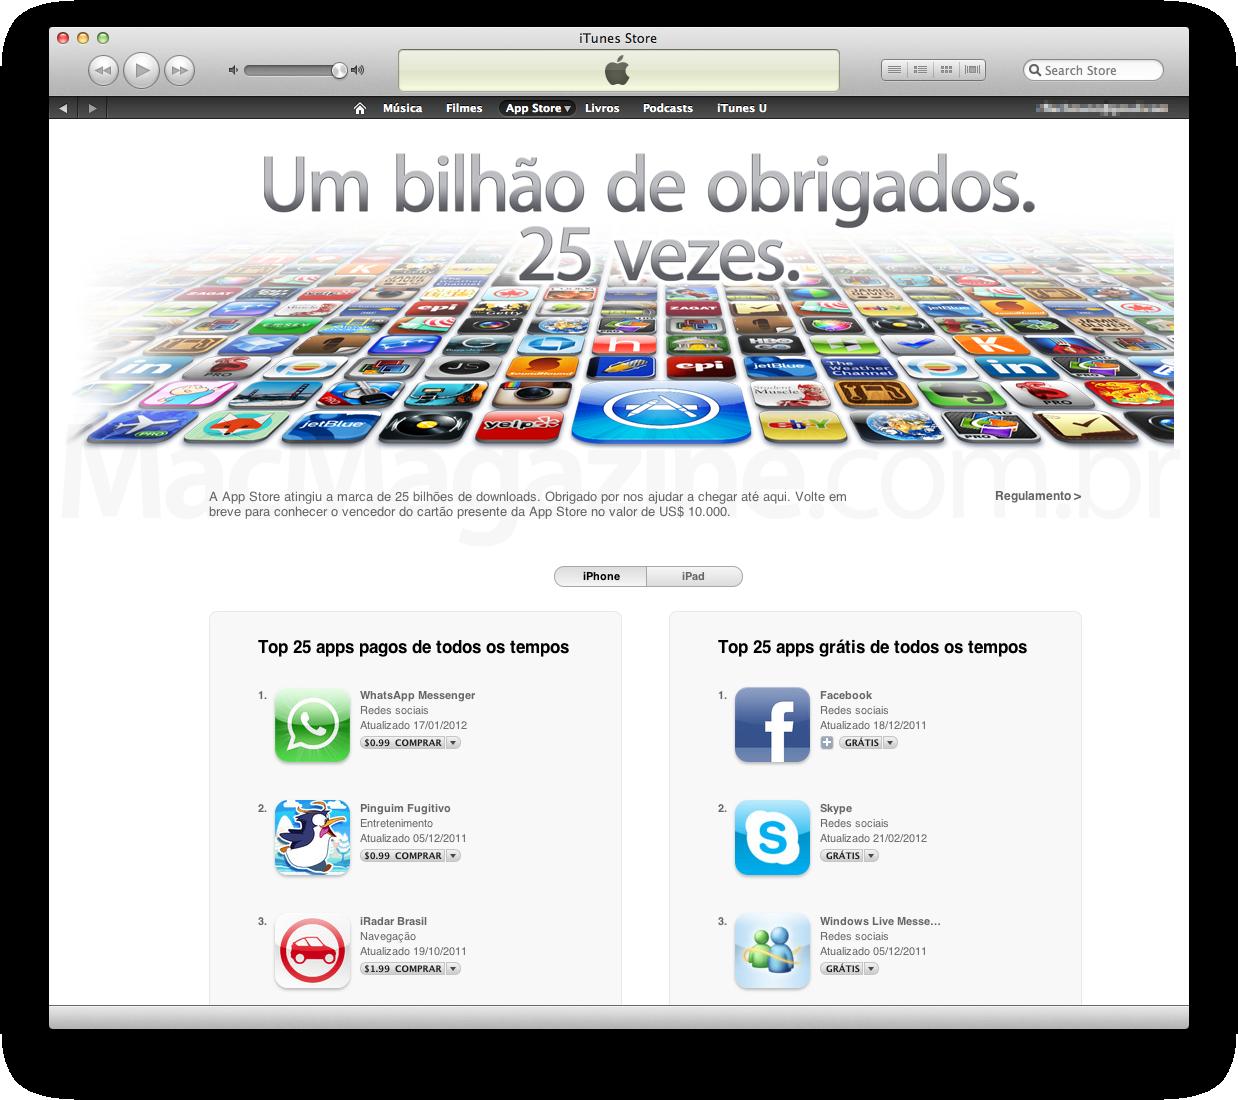 Apps mais baixados - 25 bilhões